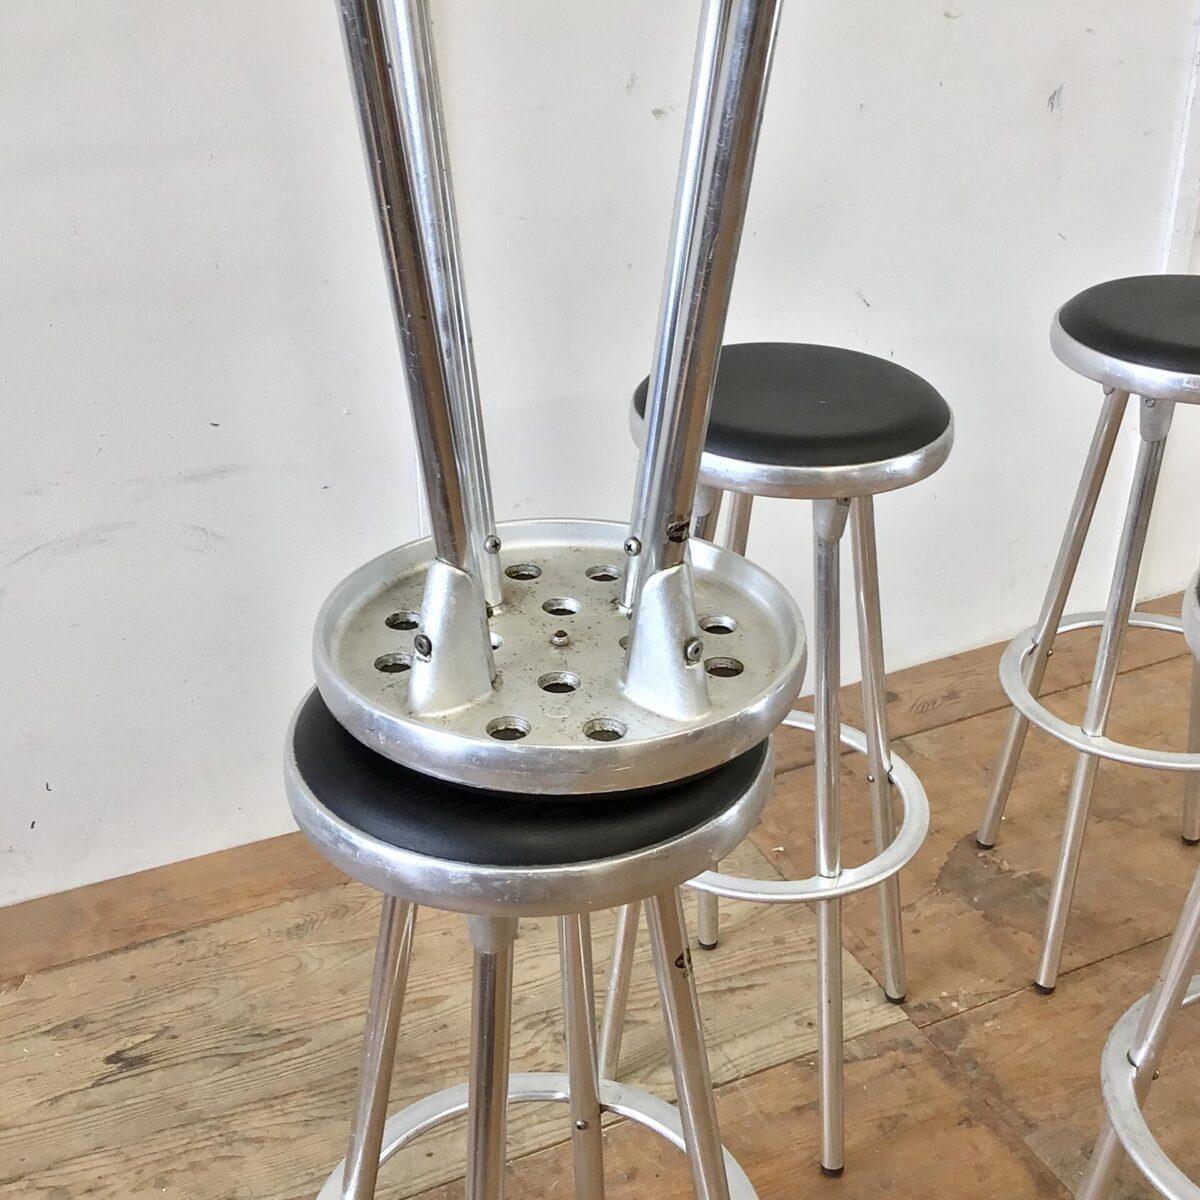 Vintage Aluminium Barhocker. Durchmesser der Grundfläche 41cm Höhe 81cm. Simple Barstühle mit Aluminiumguss Elementen. Preis pro Stück.